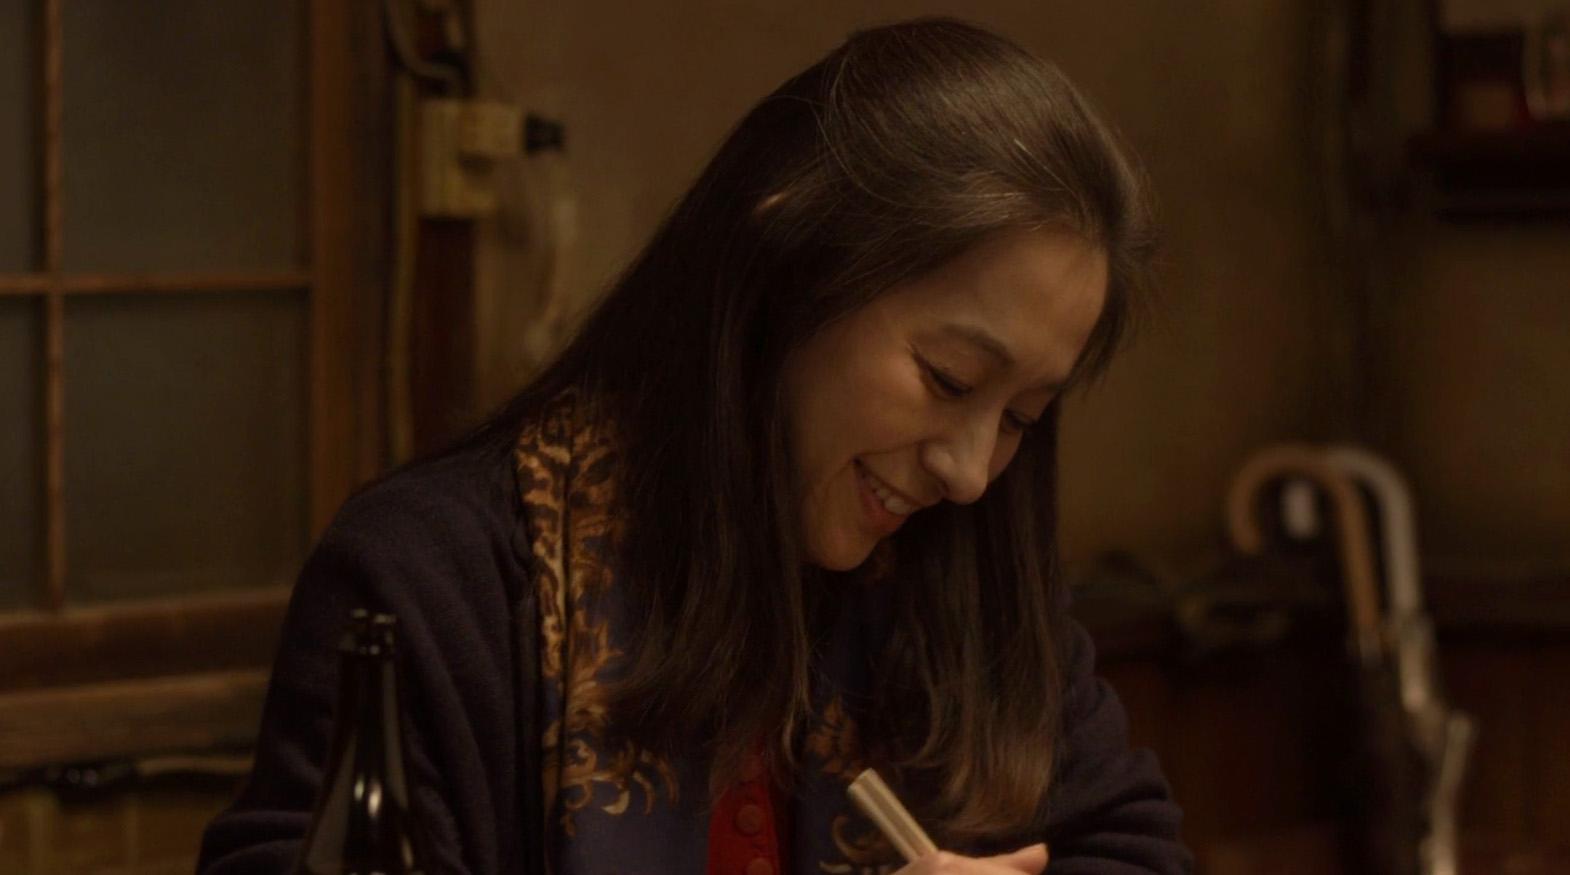 Reiko Kataoka in Midnight Diner: Tokyo Stories